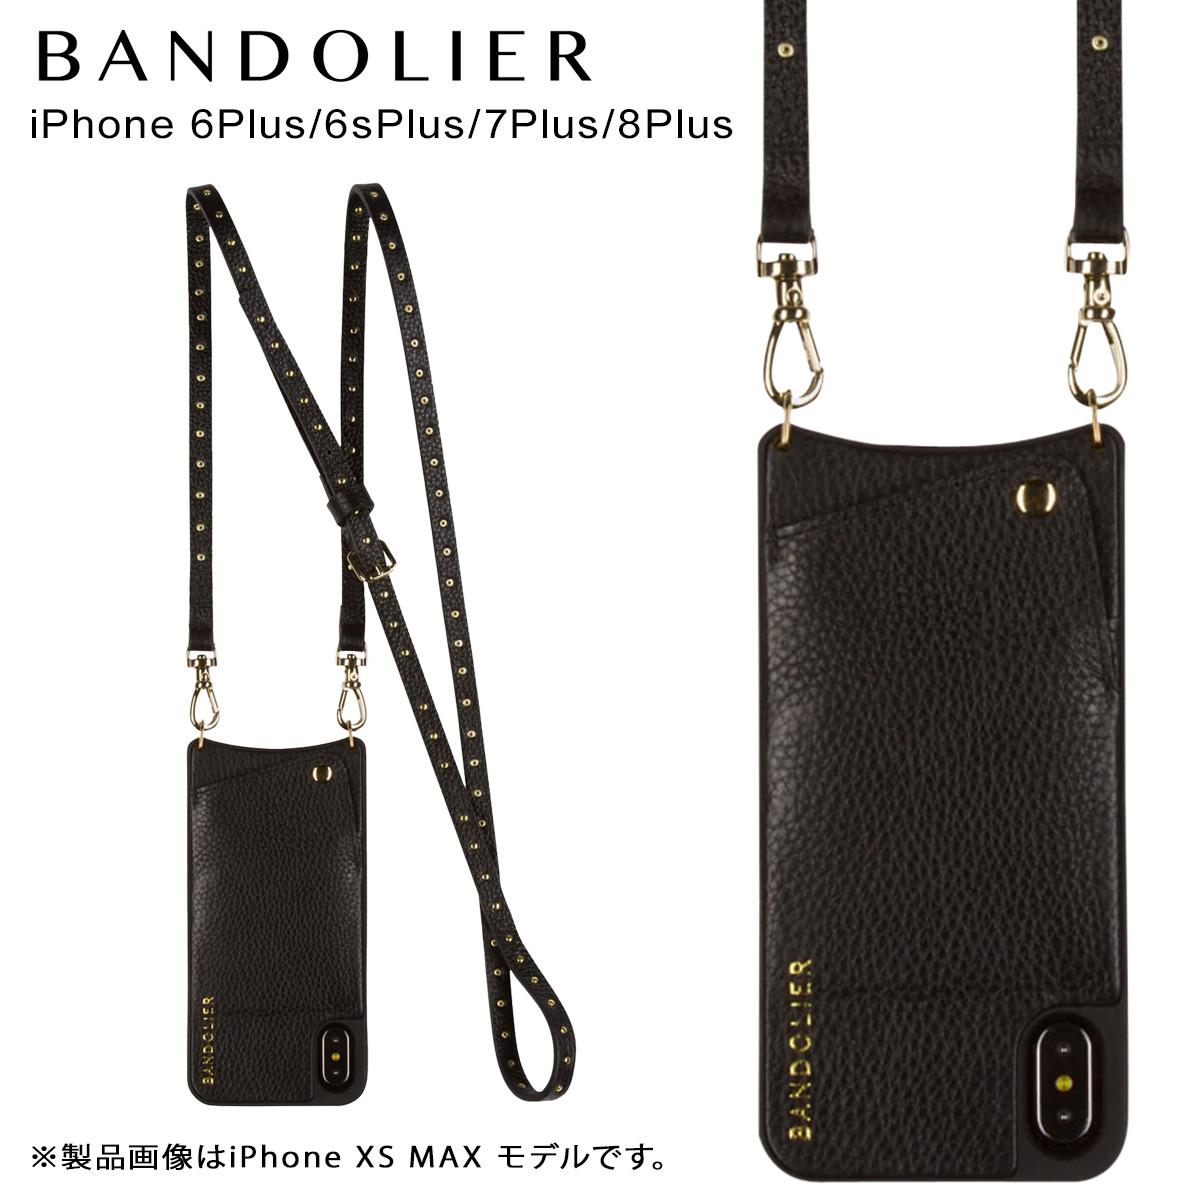 BANDOLIER NICOLE GOLD バンドリヤー iPhone8Plus iPhone7Plus 6sPlus ケース ショルダー スマホ アイフォン レザー メンズ レディース ブラック 10NIC1001 [3/19 再入荷]